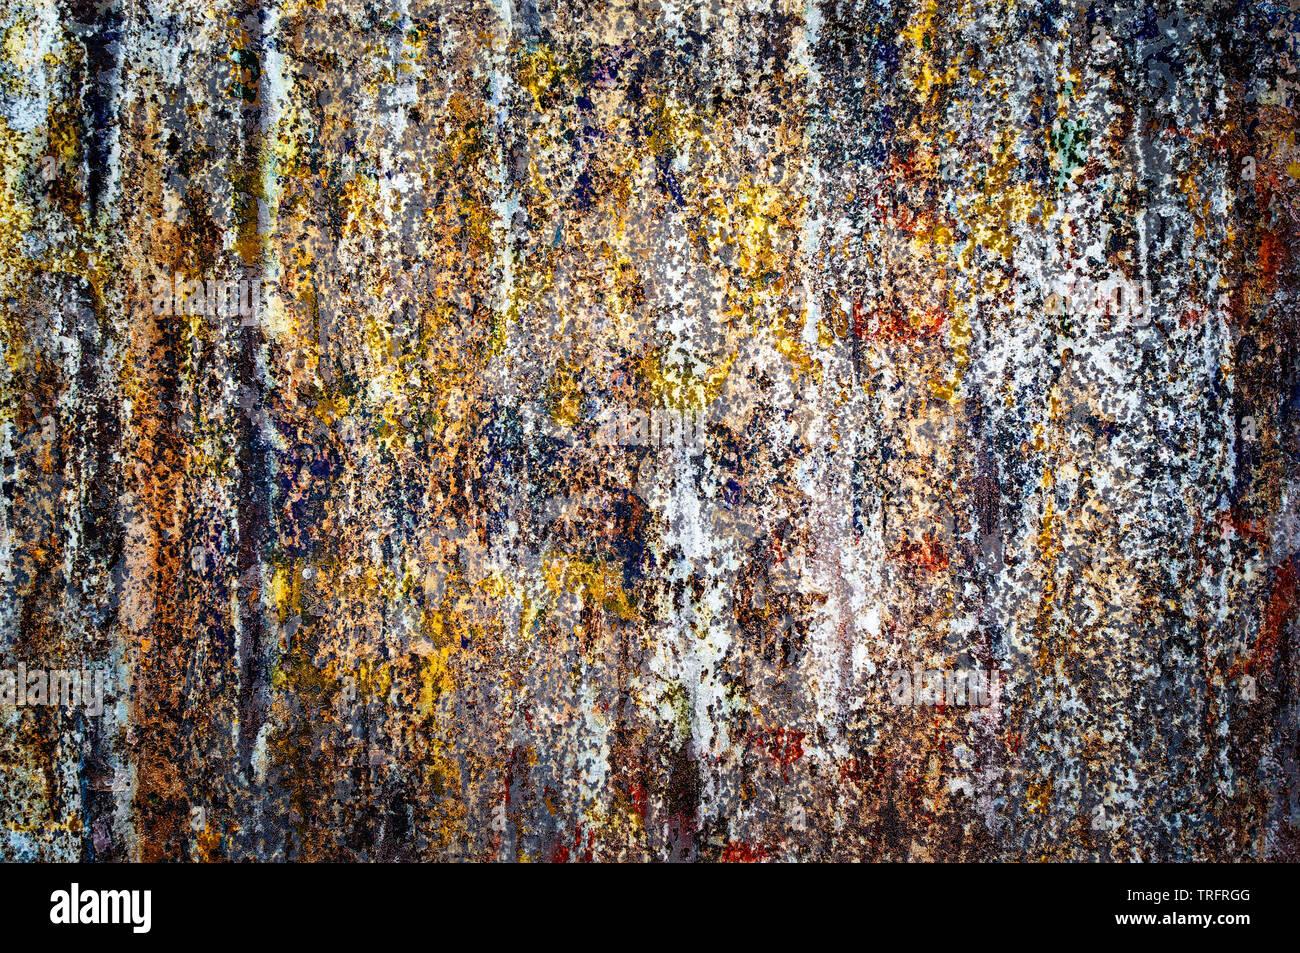 Affiches déchirées colorés sur vieux mur grunge background Banque D'Images